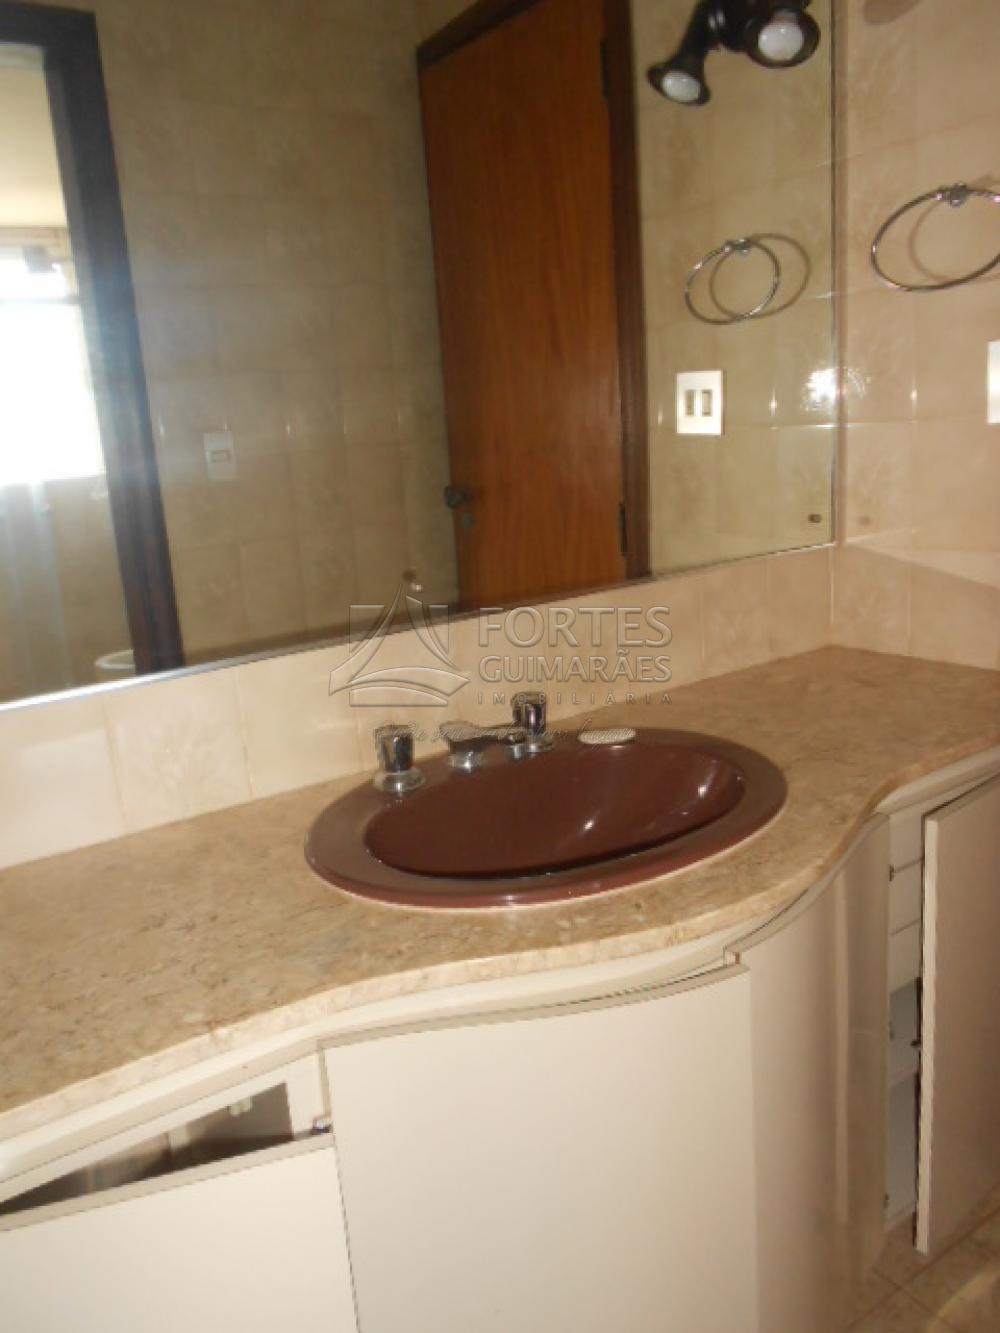 Alugar Apartamentos / Padrão em Ribeirão Preto apenas R$ 1.500,00 - Foto 42